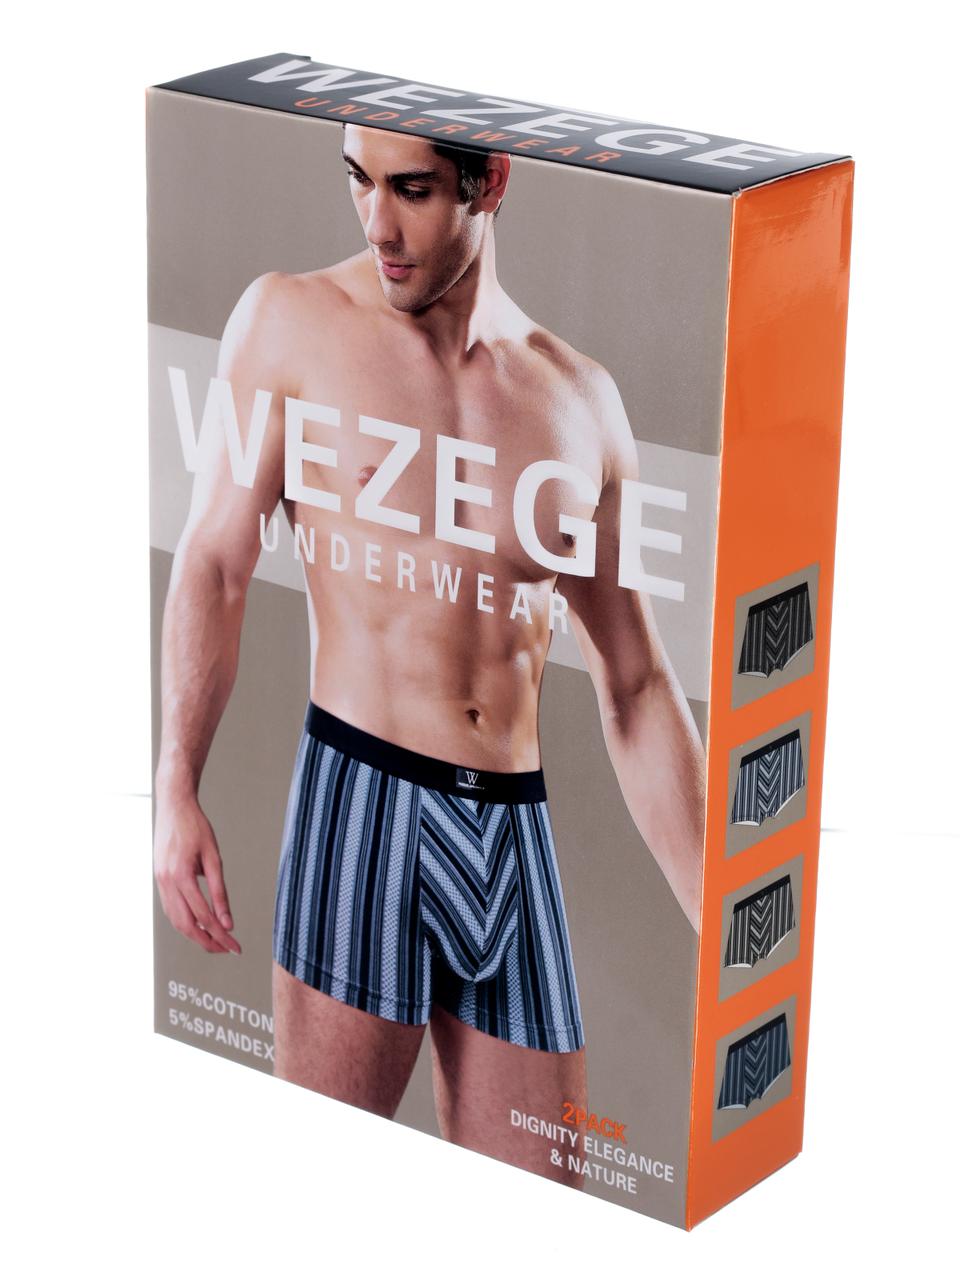 Труси чоловічі боксери  Wezege 9485. Набір з 2 штук в розмірі 3XL